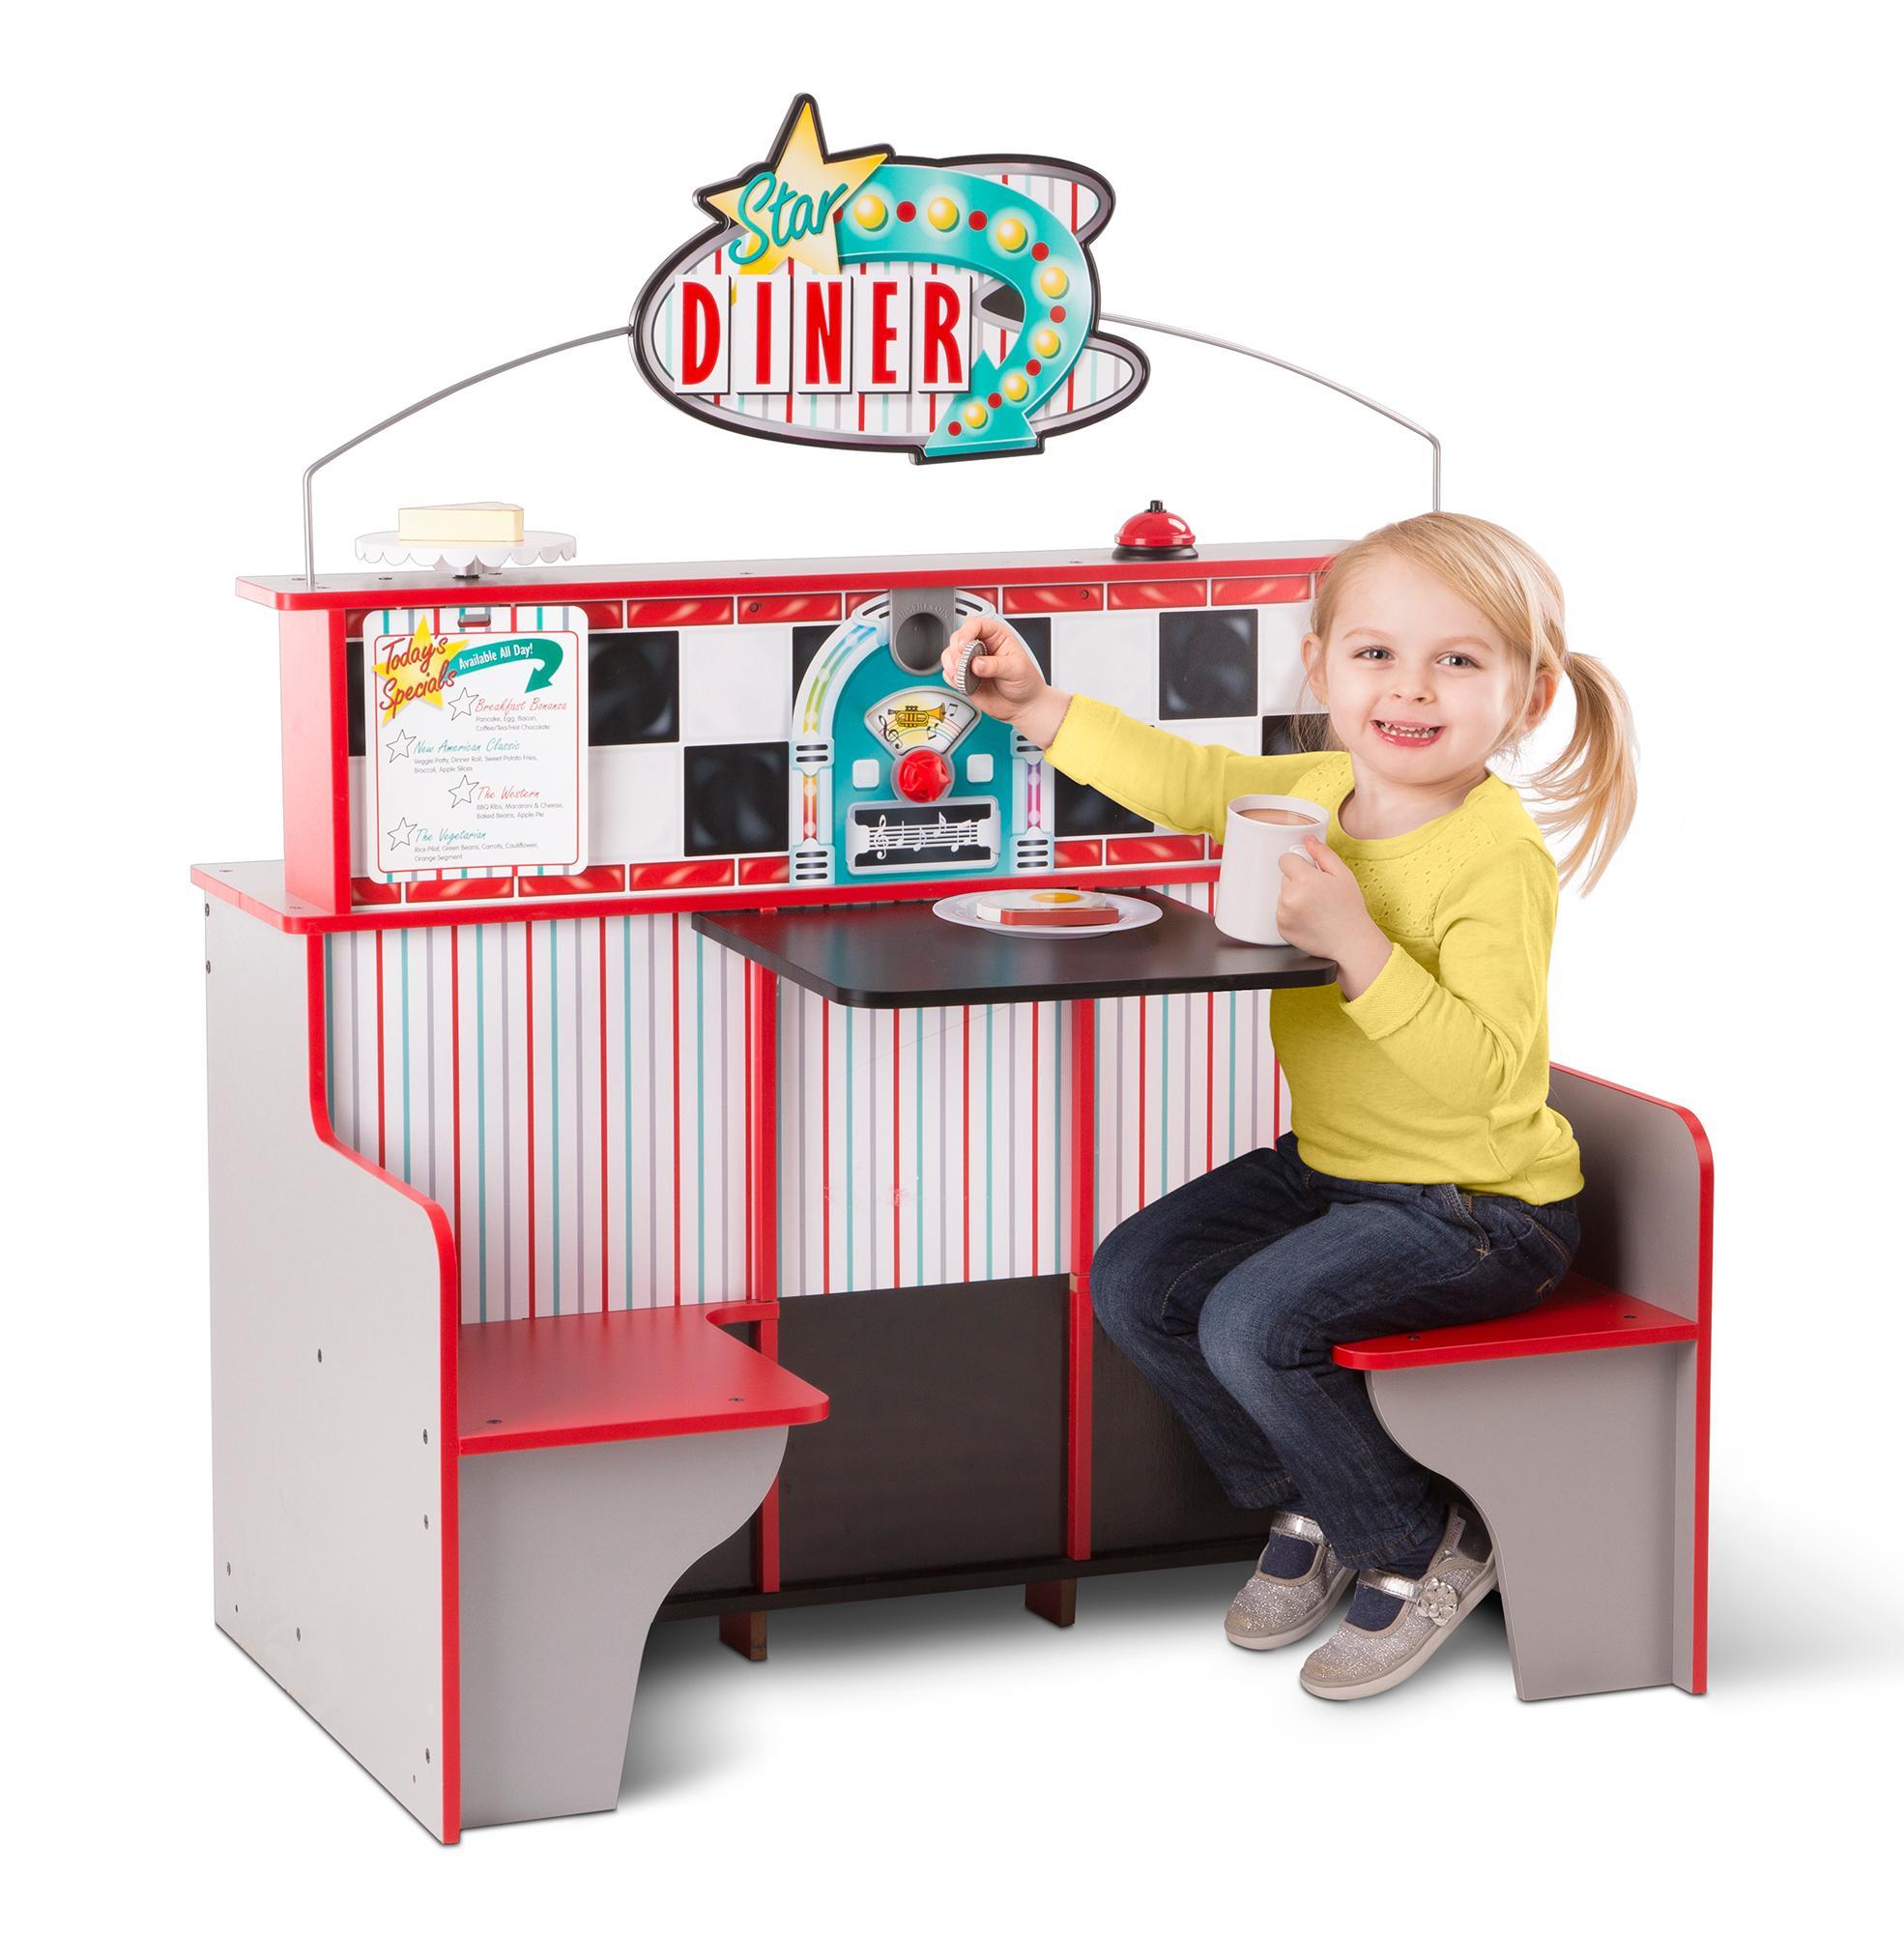 Toys For Restaurants : Amazon melissa doug star diner restaurant toys games